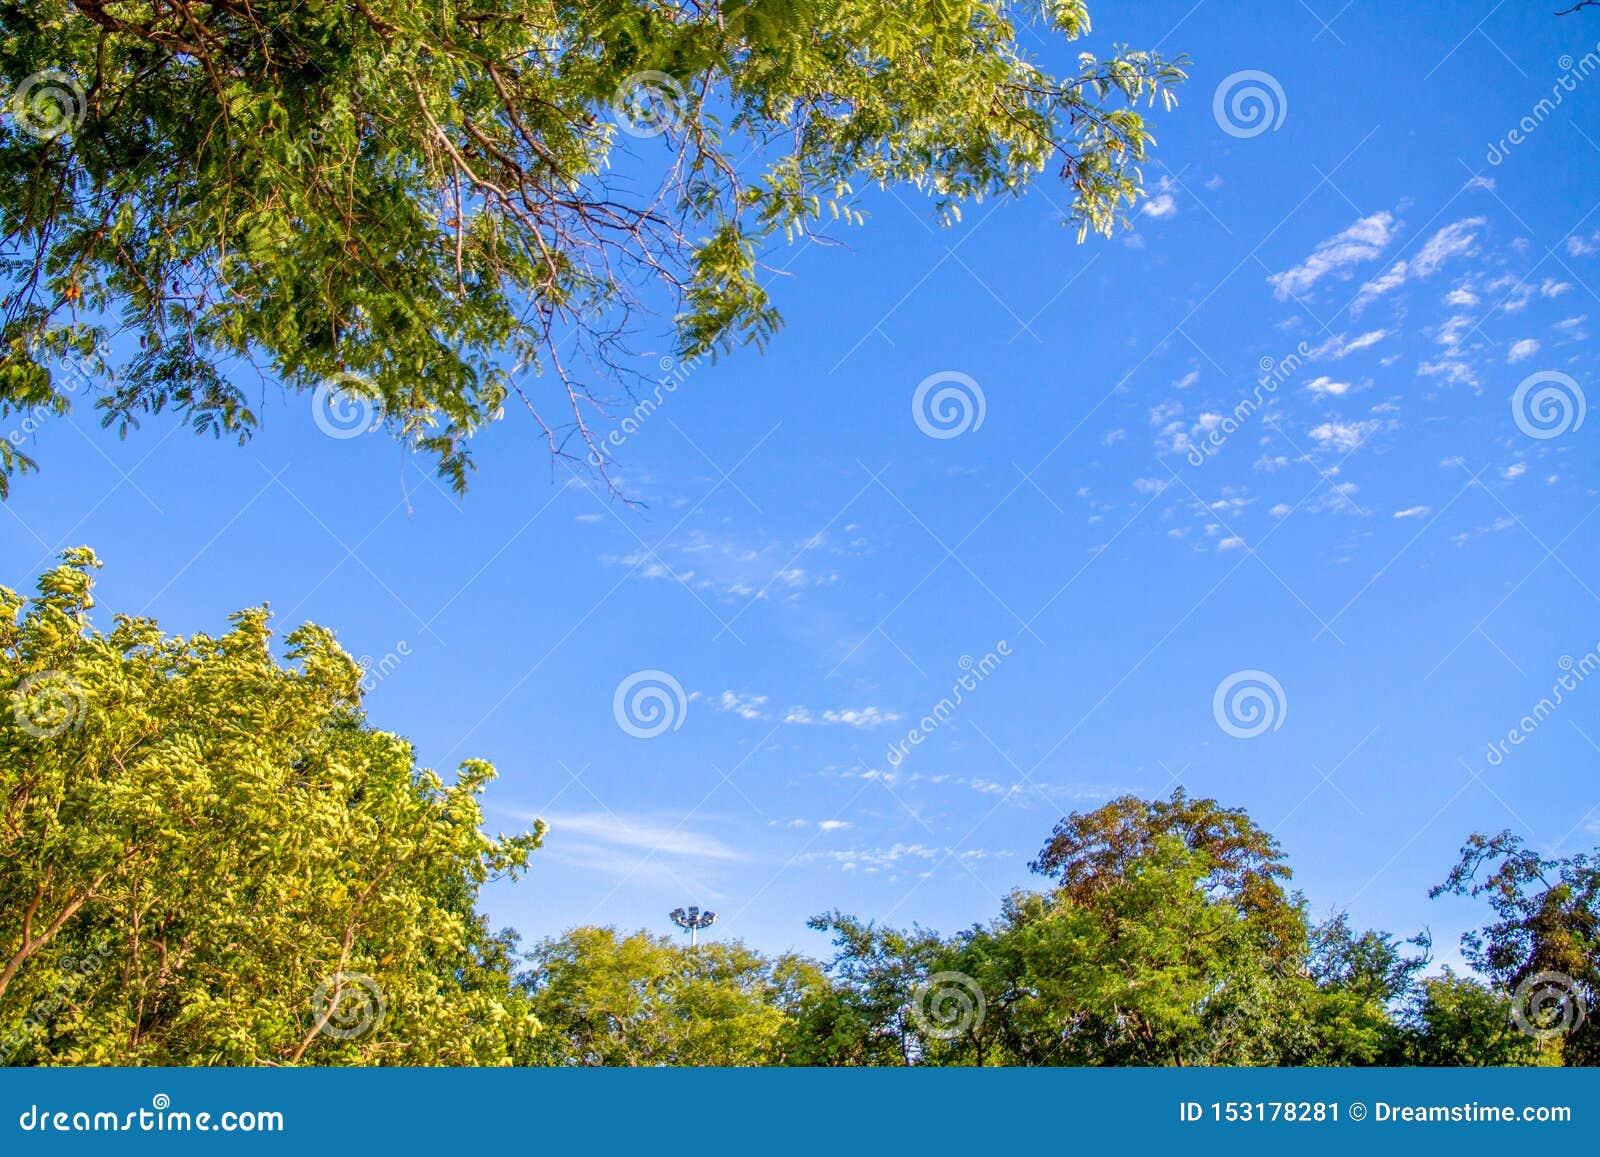 Ο κλάδος με τα φύλλα κόβει με το μπλε ουρανό